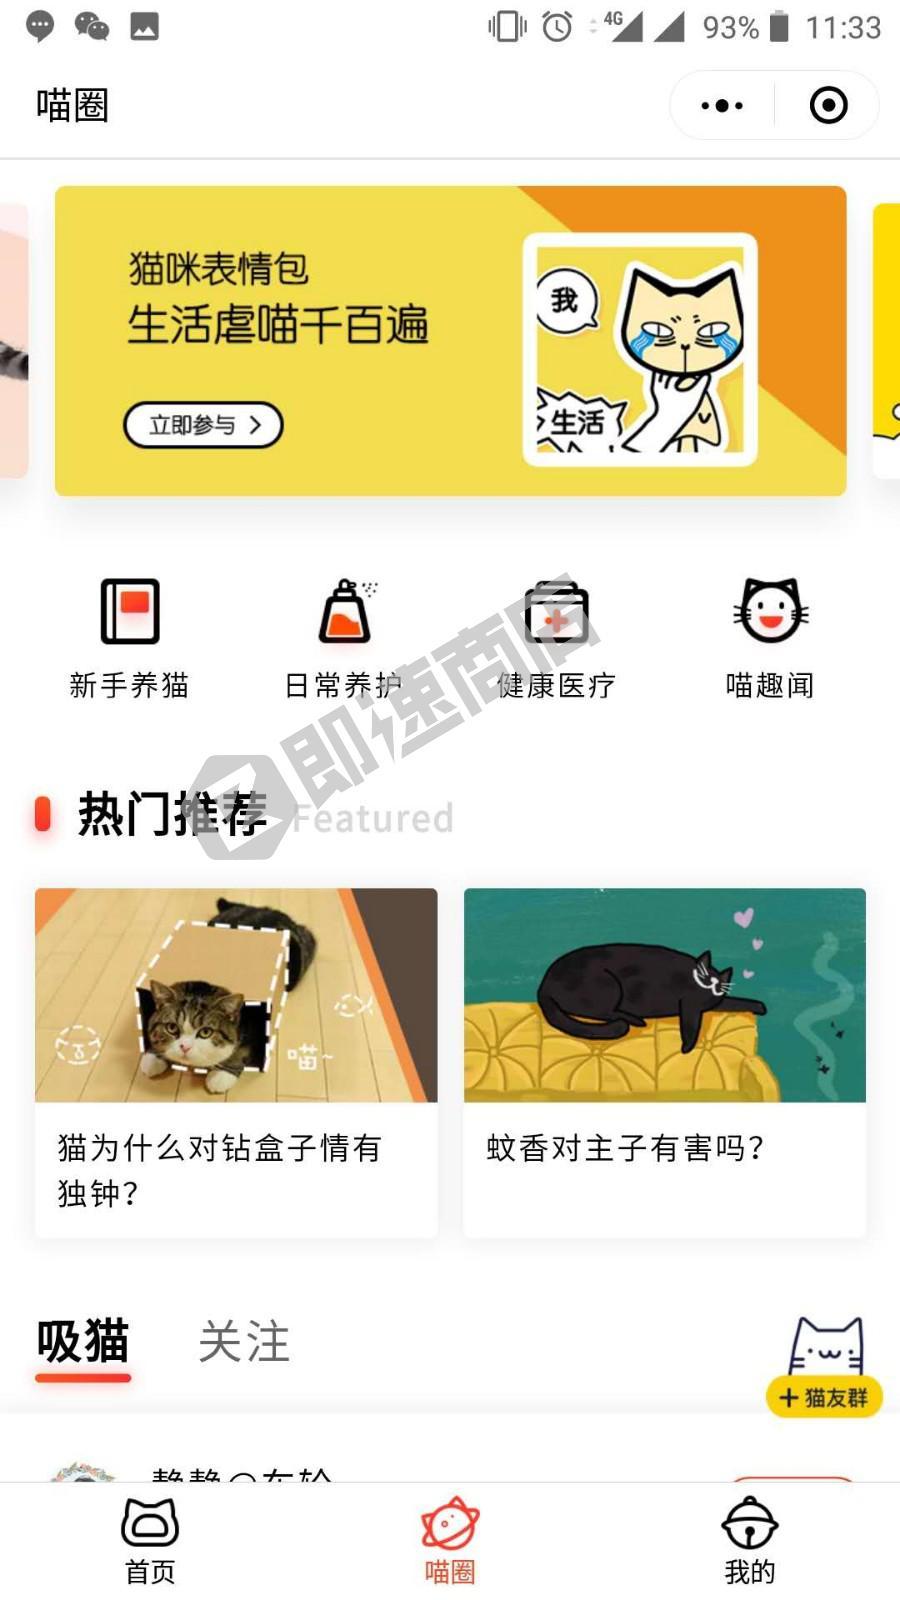 猫咪说丨闪萌猫咪表情小程序列表页截图